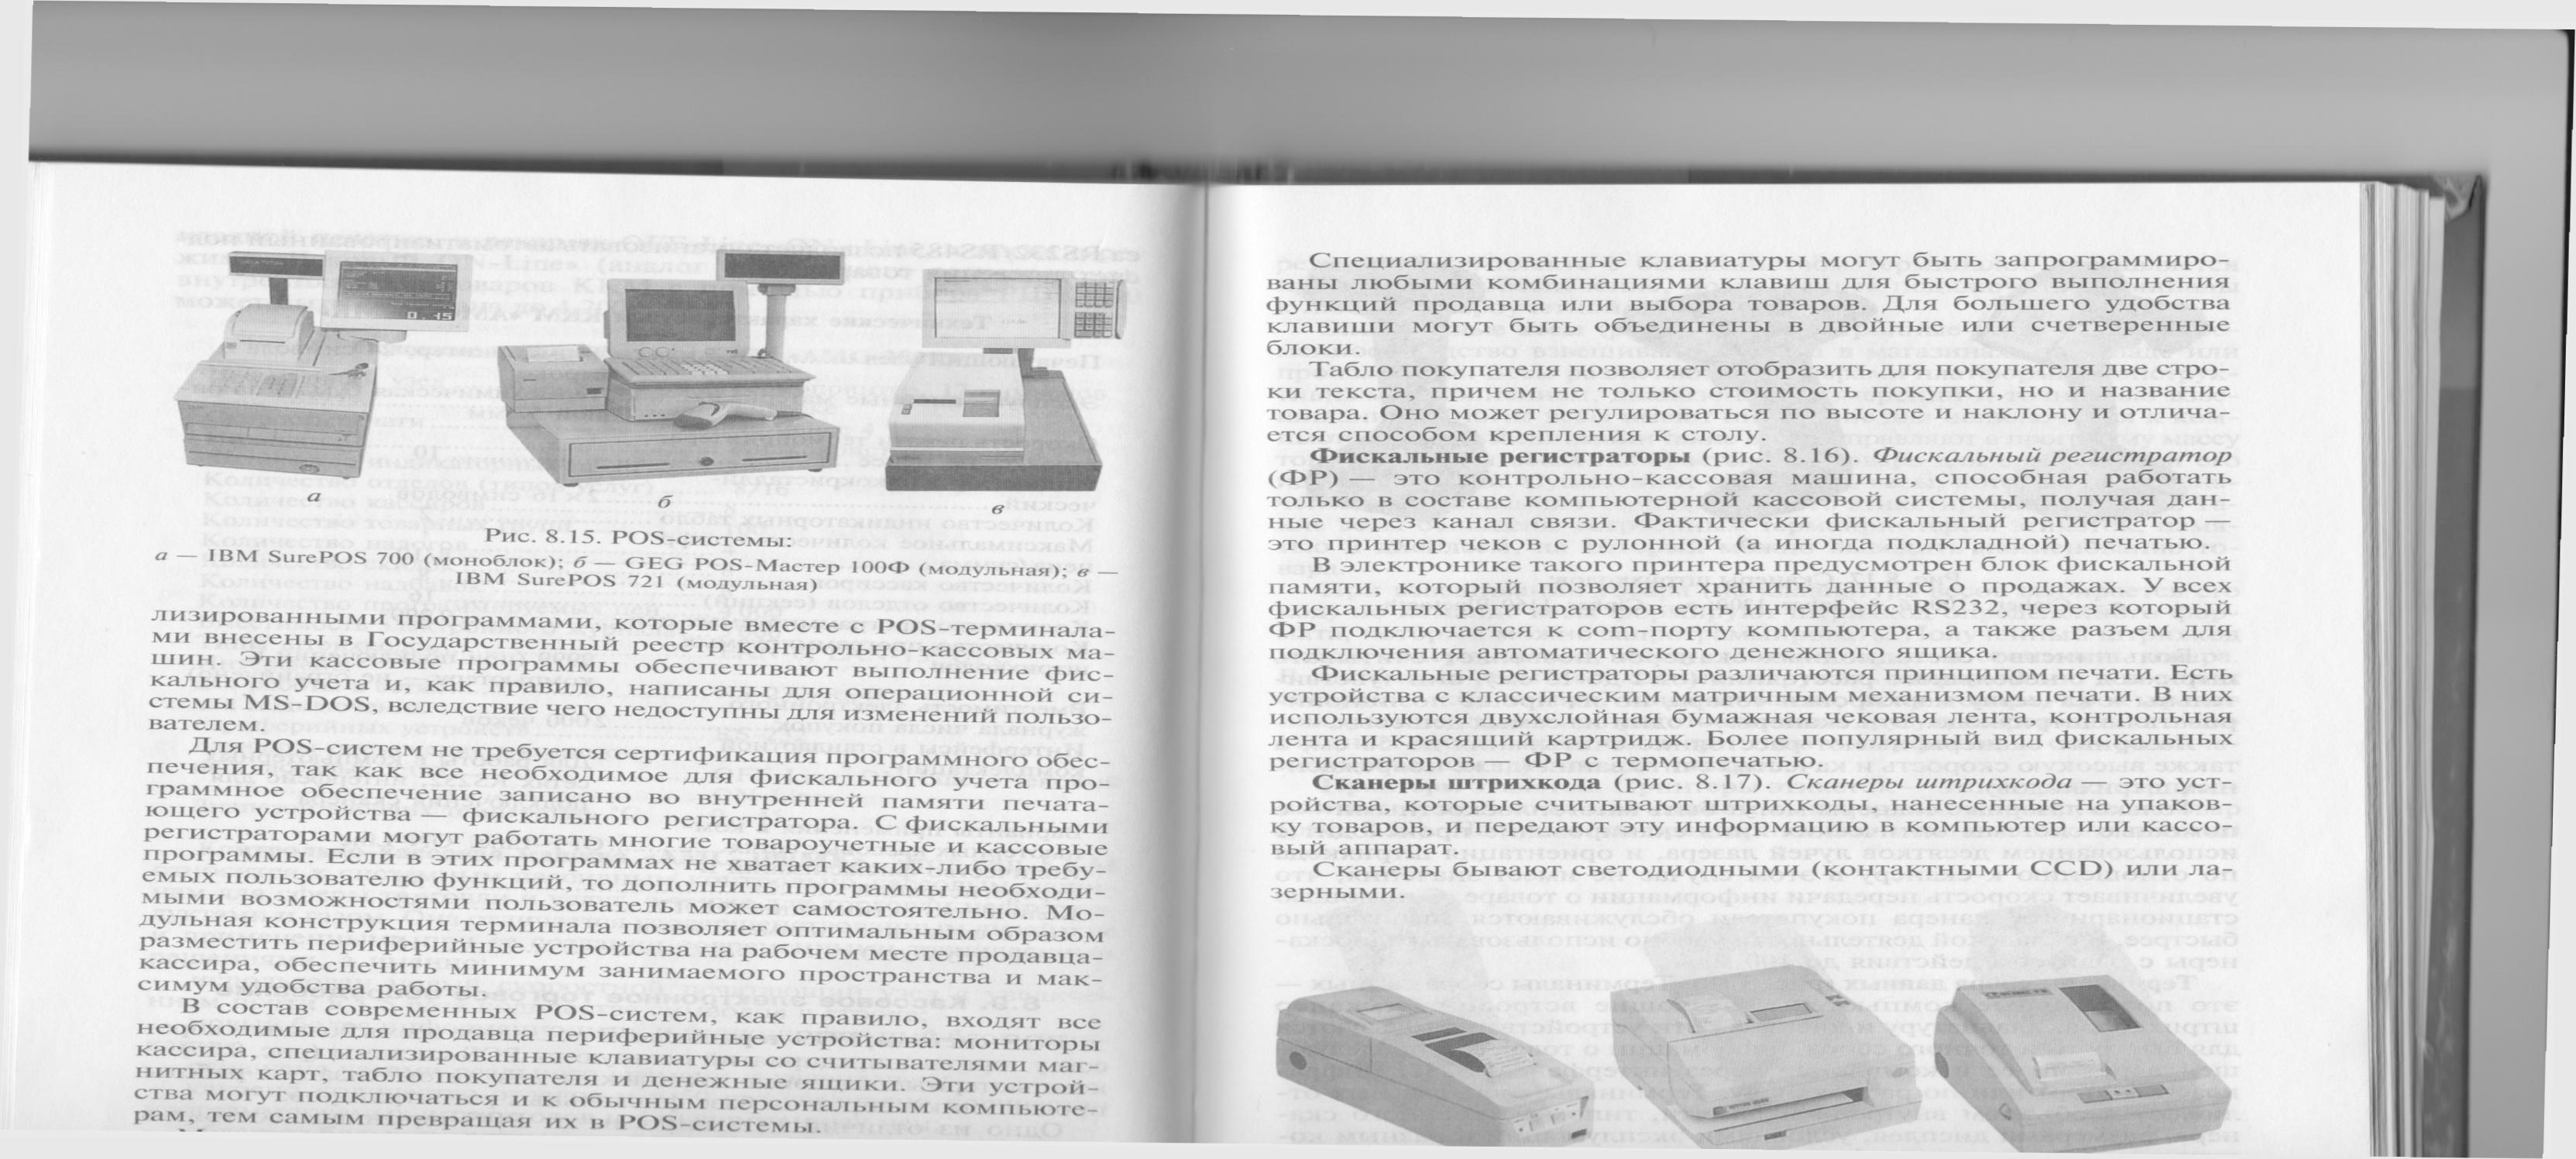 Электронное торговое оборудование реферат 7805